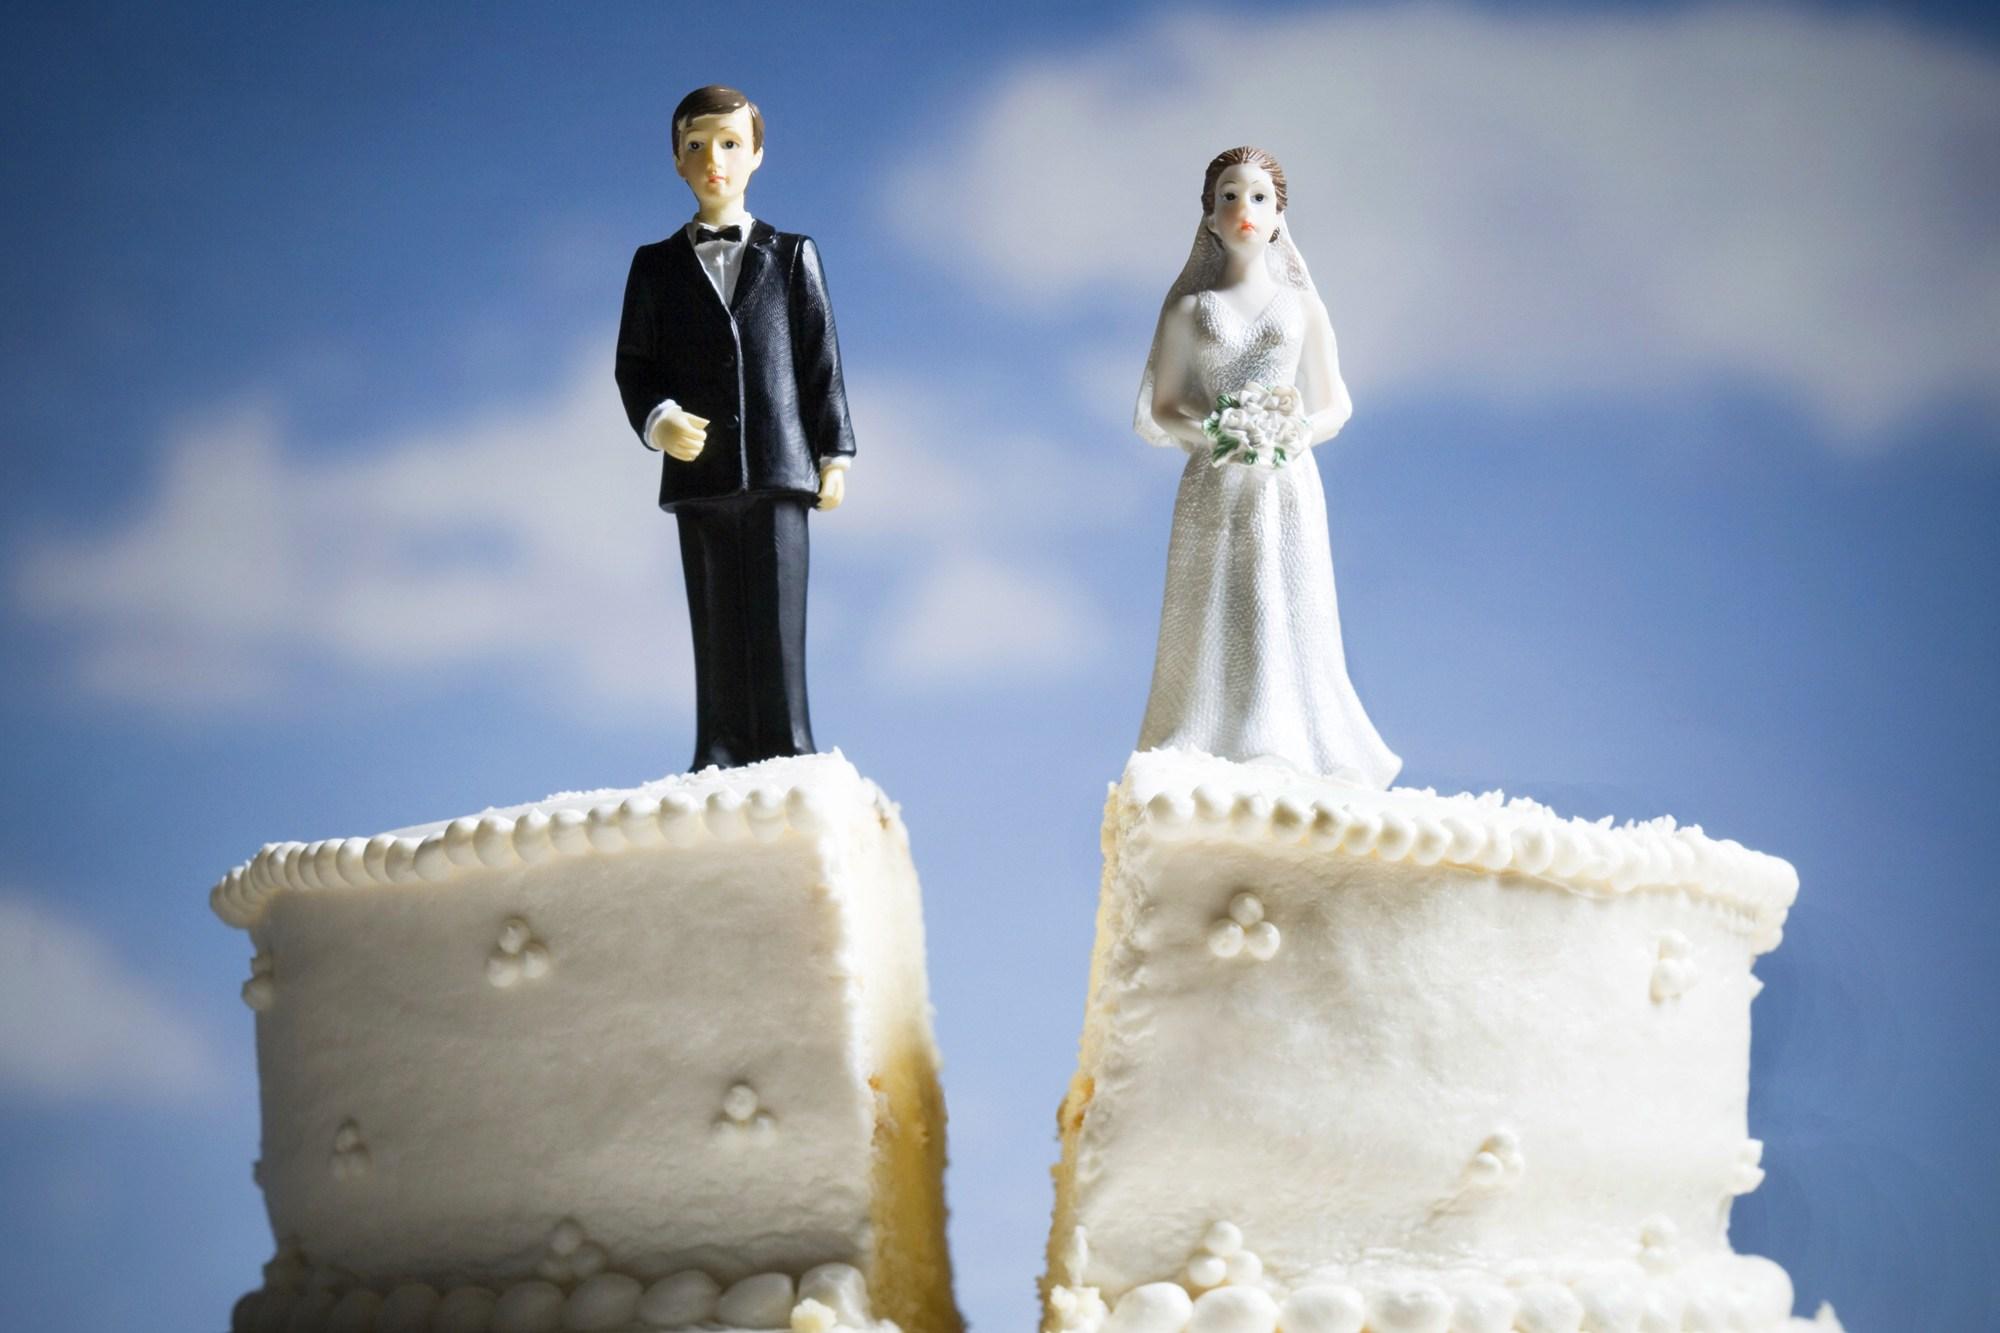 Dez hábitos que todo casal deveria adotar para evitar o divórcio